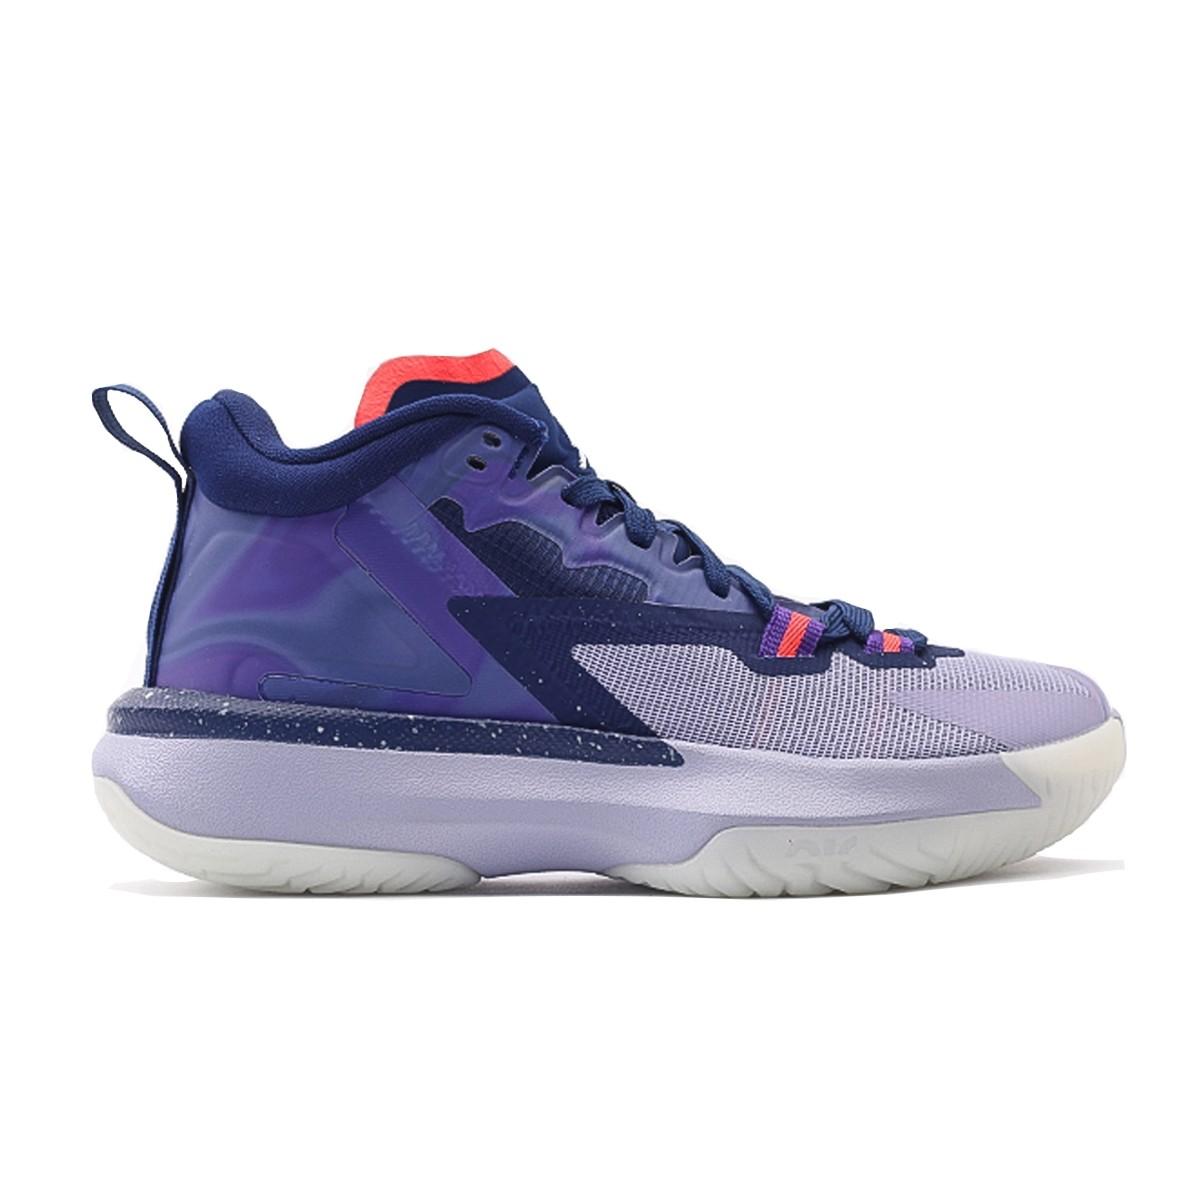 Jordan Zion 1 Jr 'Purple'